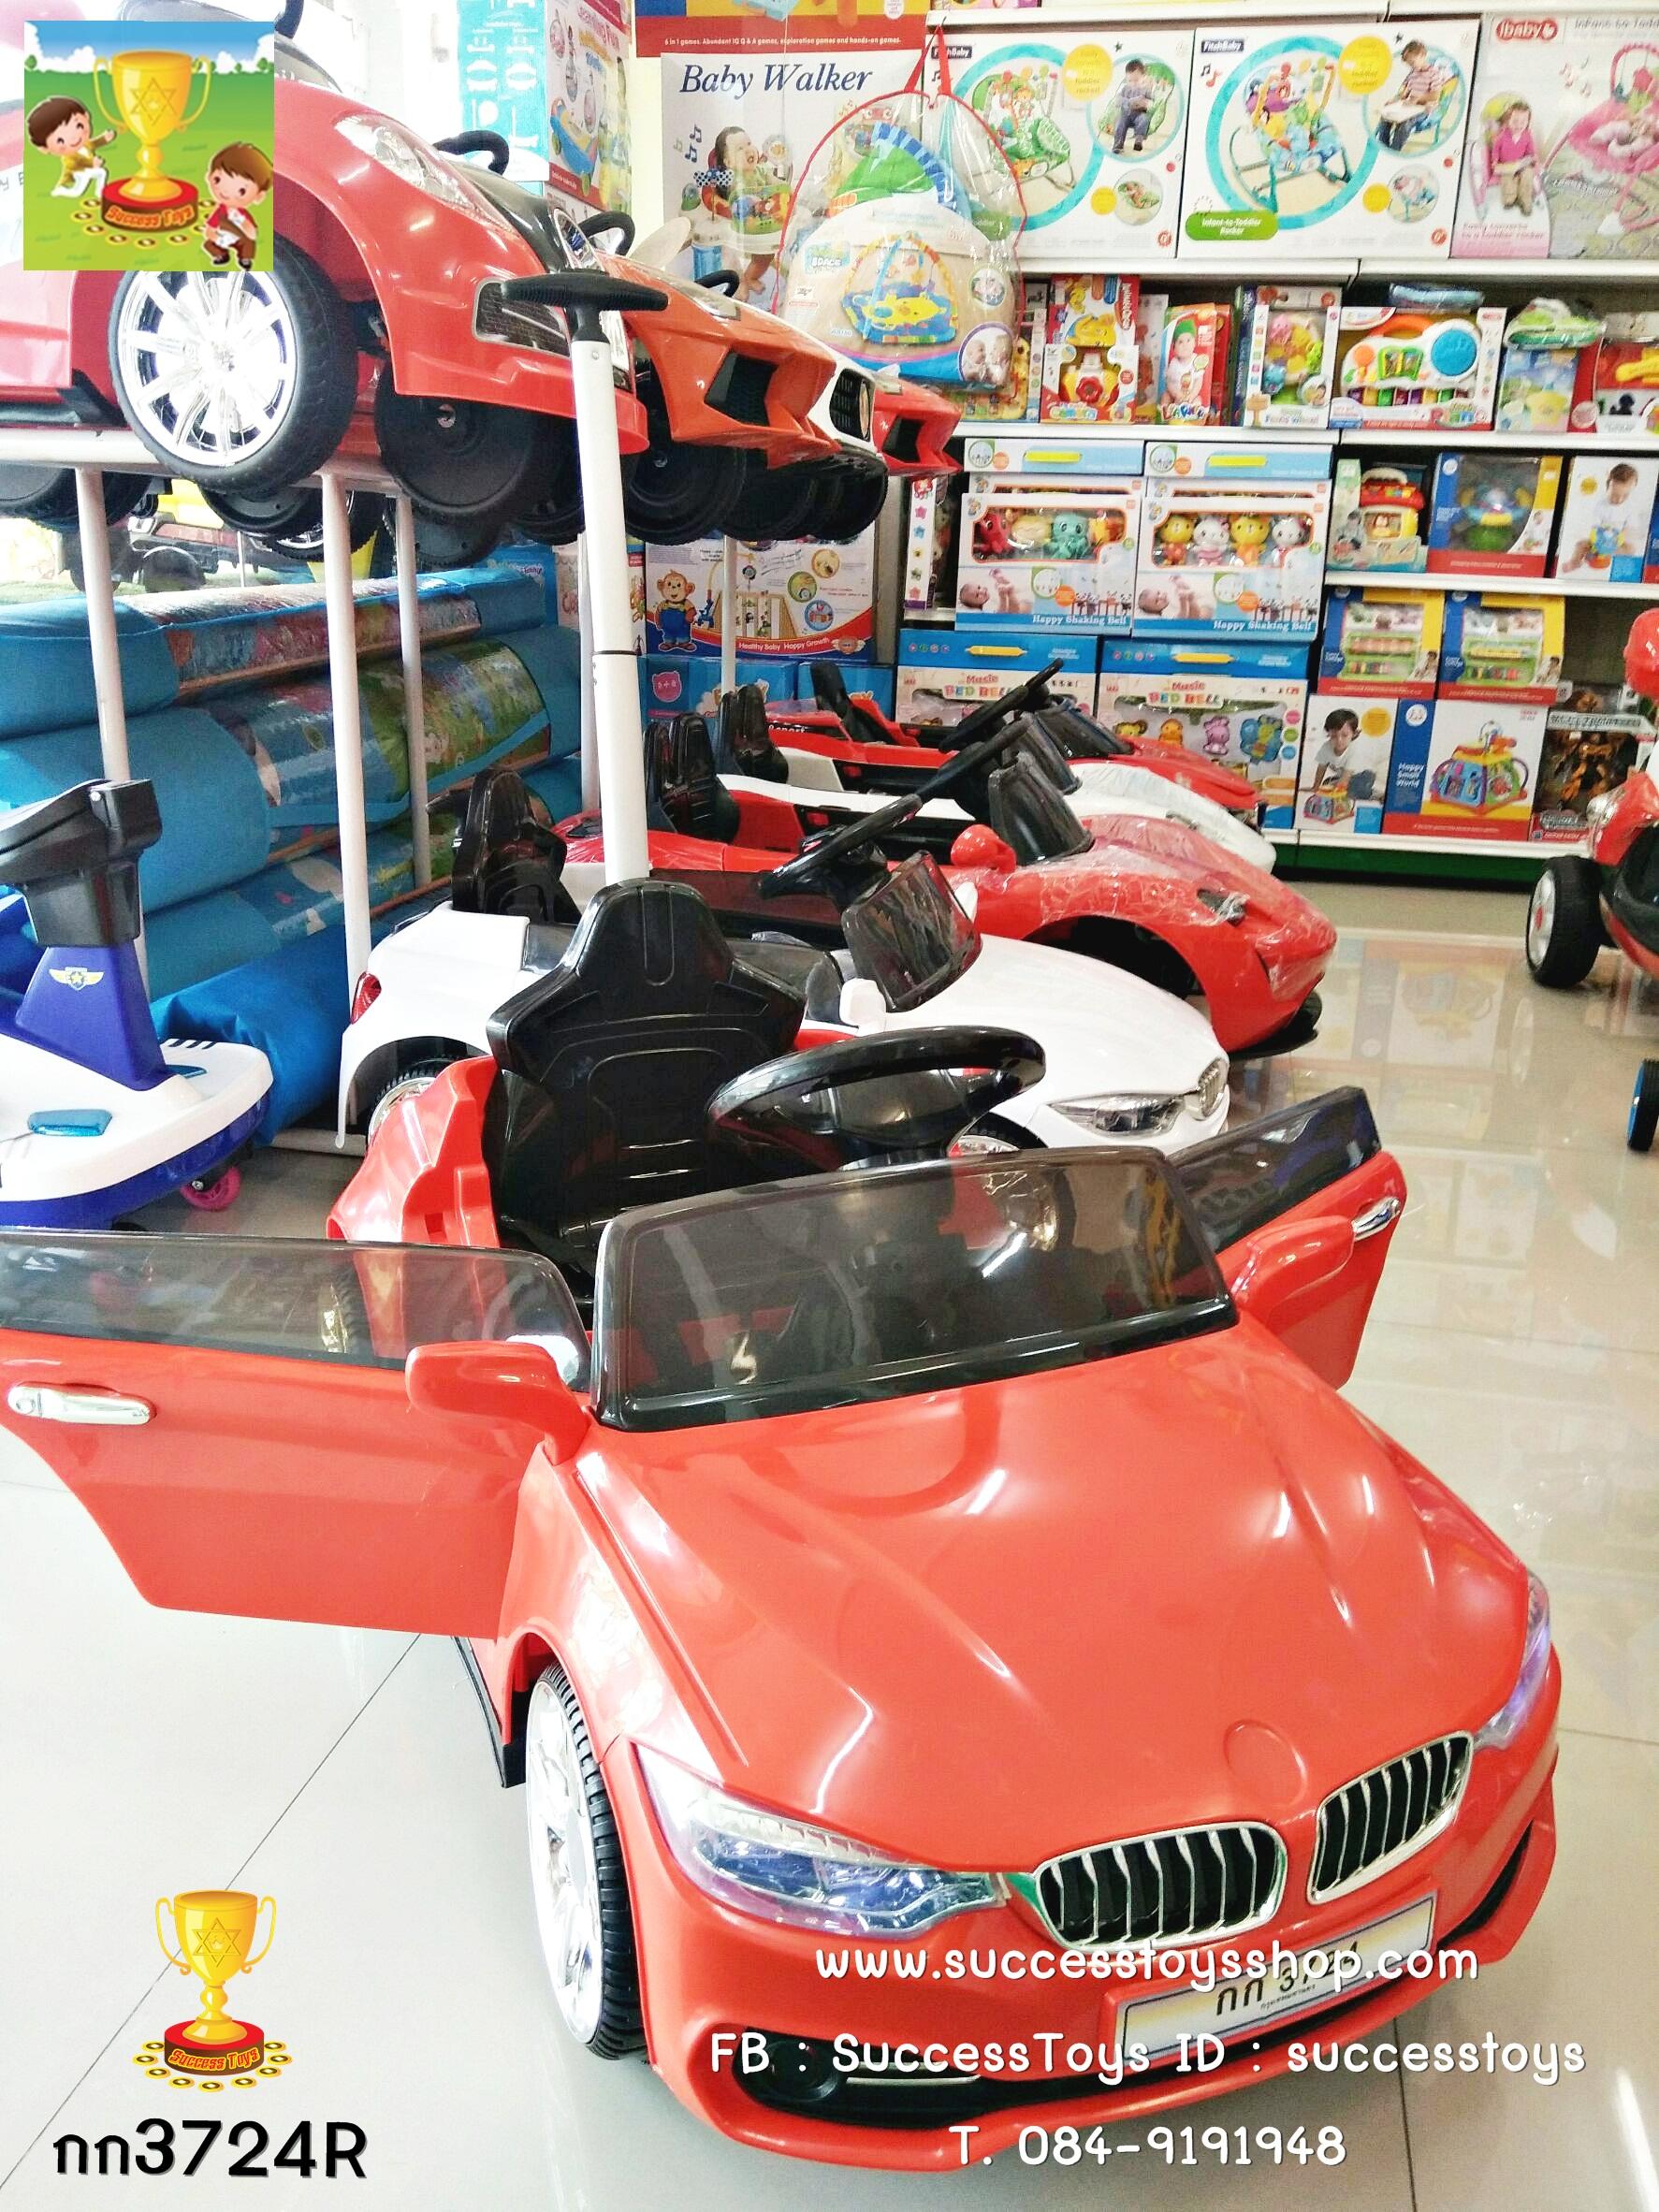 3724R รถแบตเตอรี่ไฟฟ้า BMW มีด้ามเข็น 2 มอเตอร์ มี2สี แดง ขาว